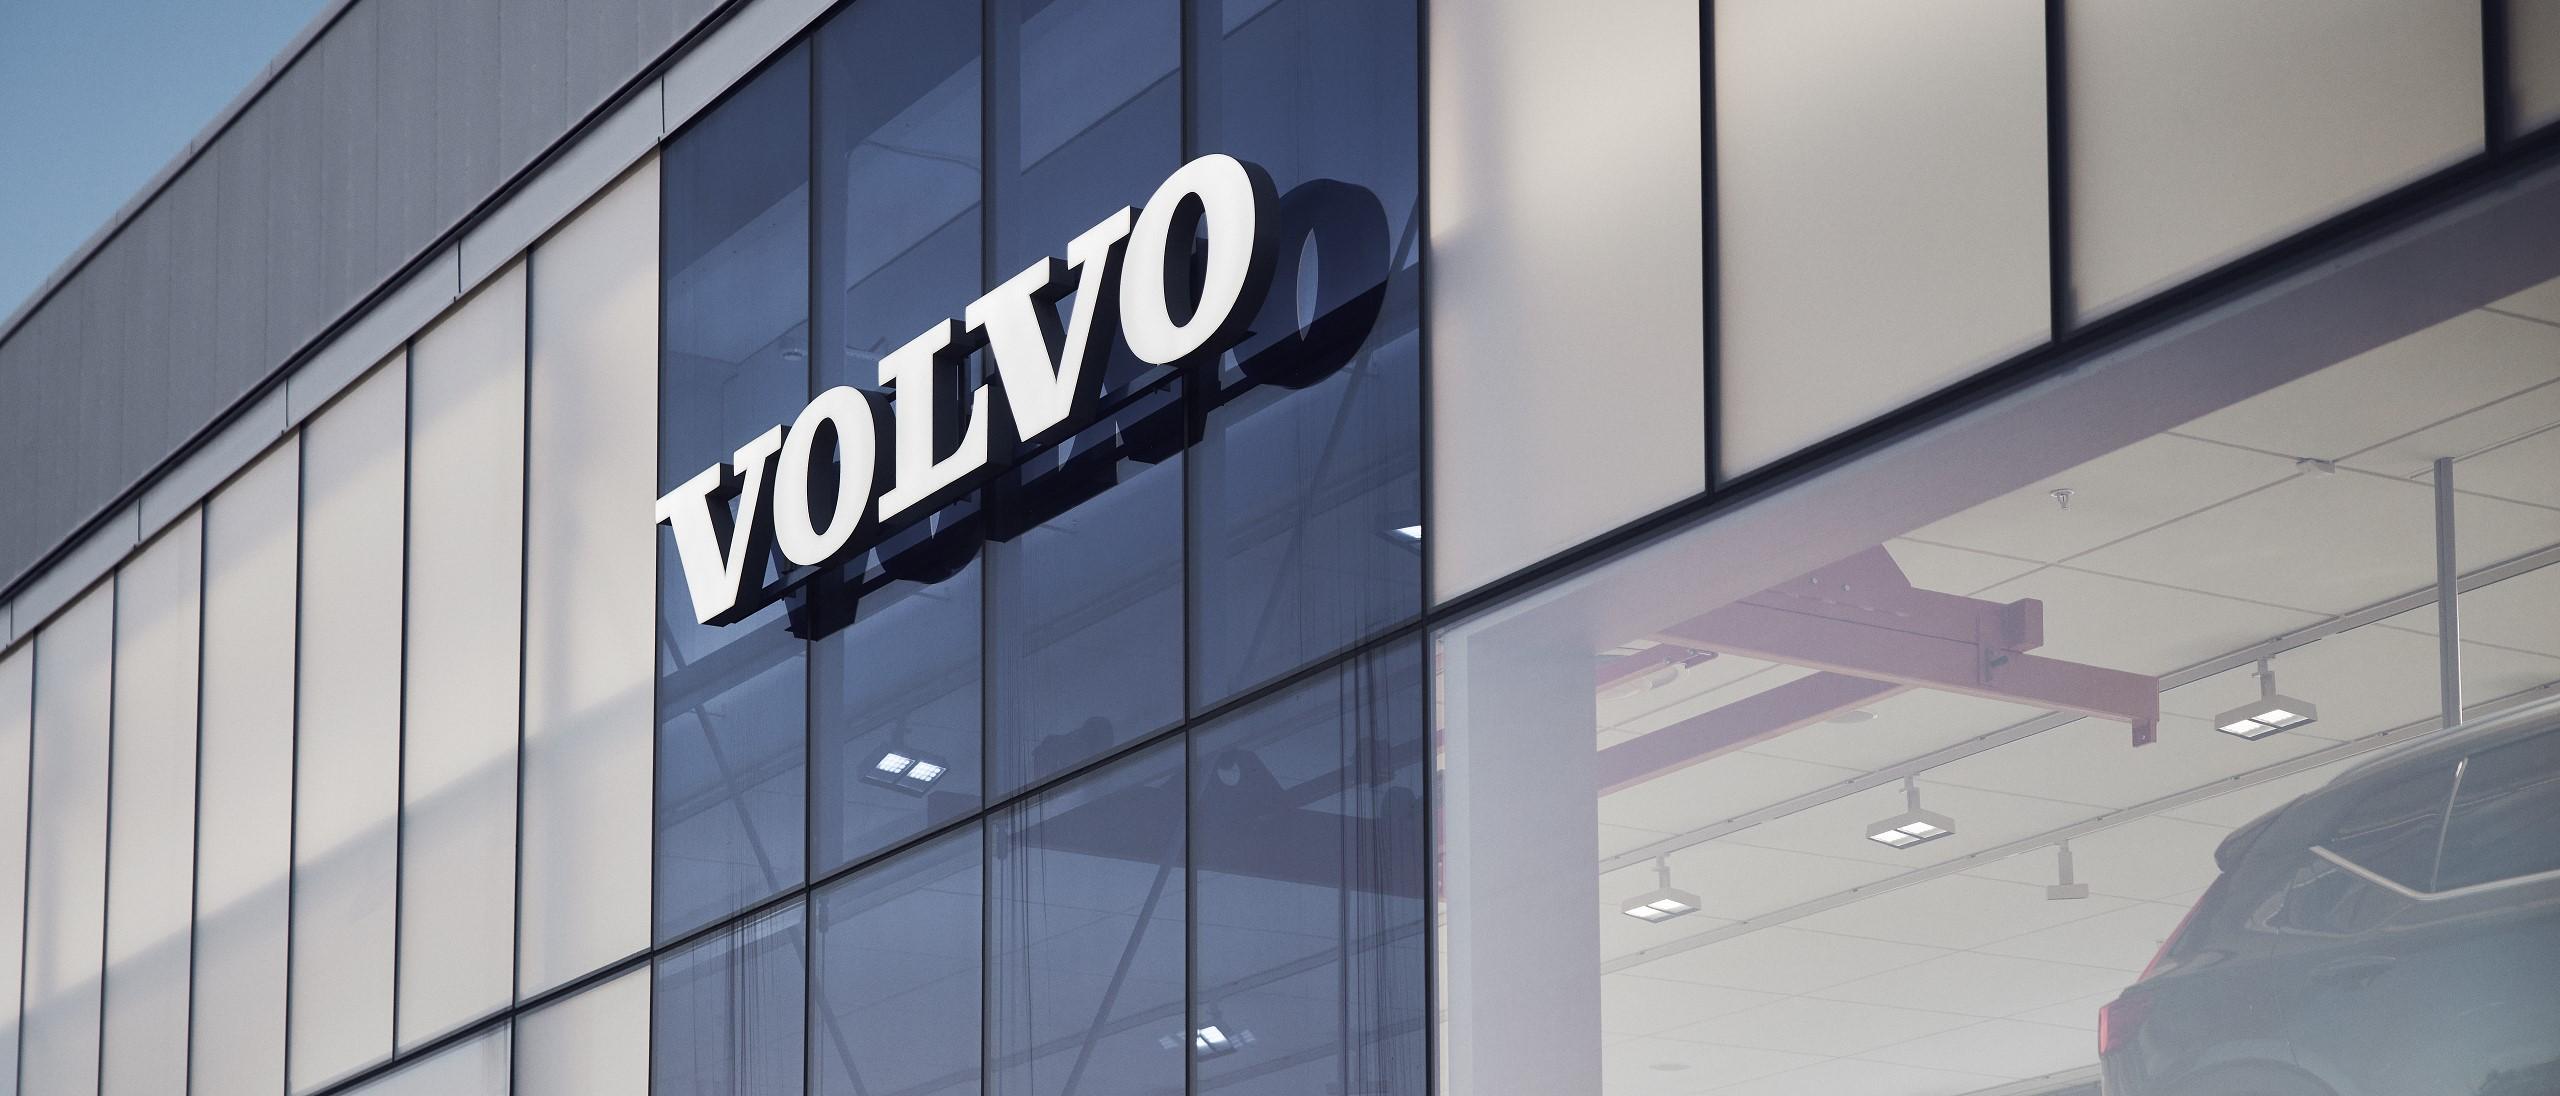 Volvocars Dealership signage